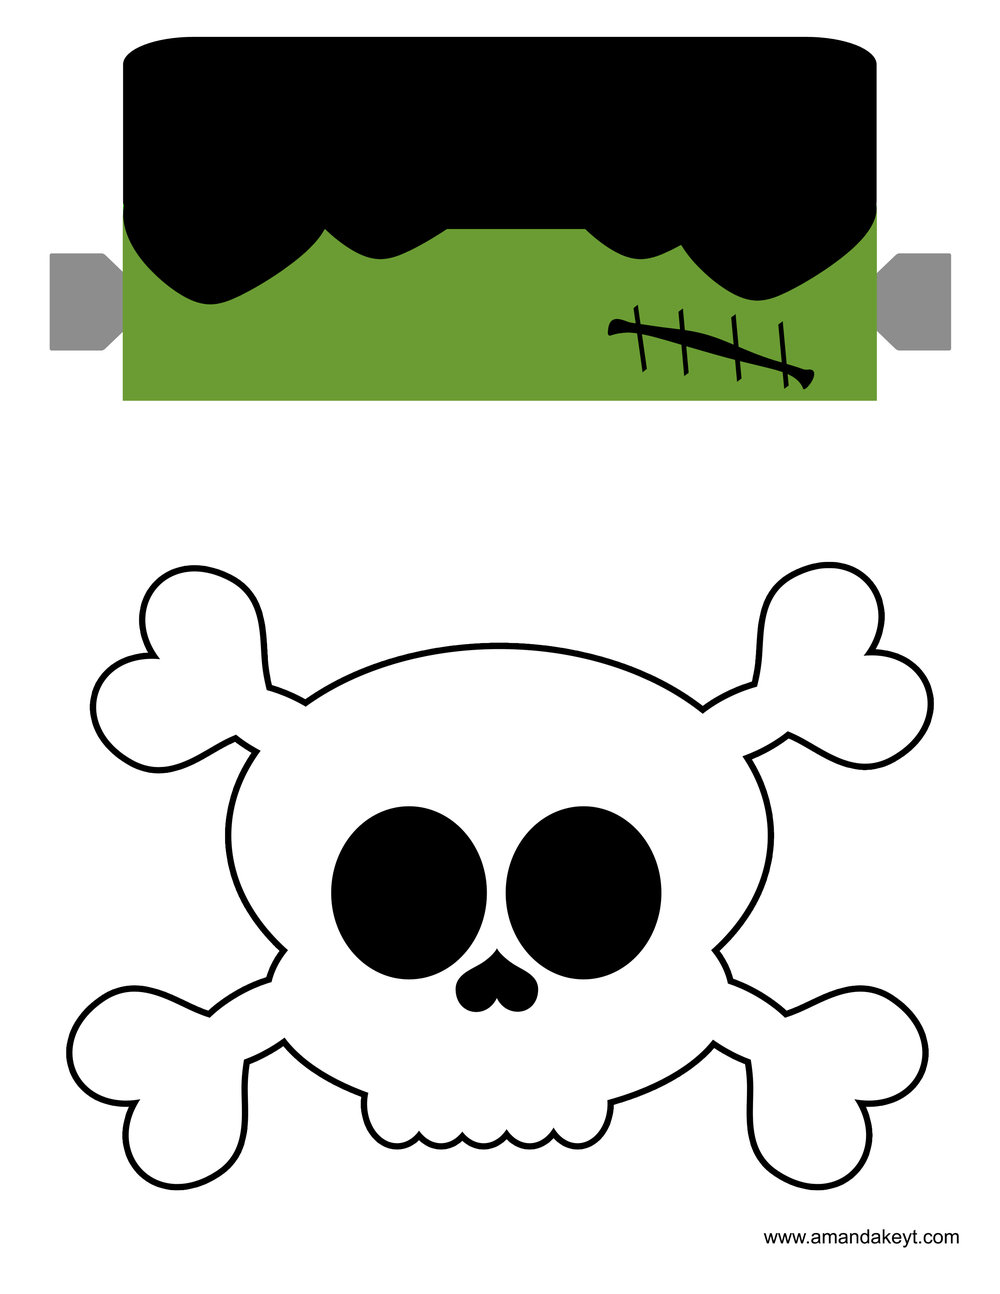 FrankensteinHeadSkull.jpg